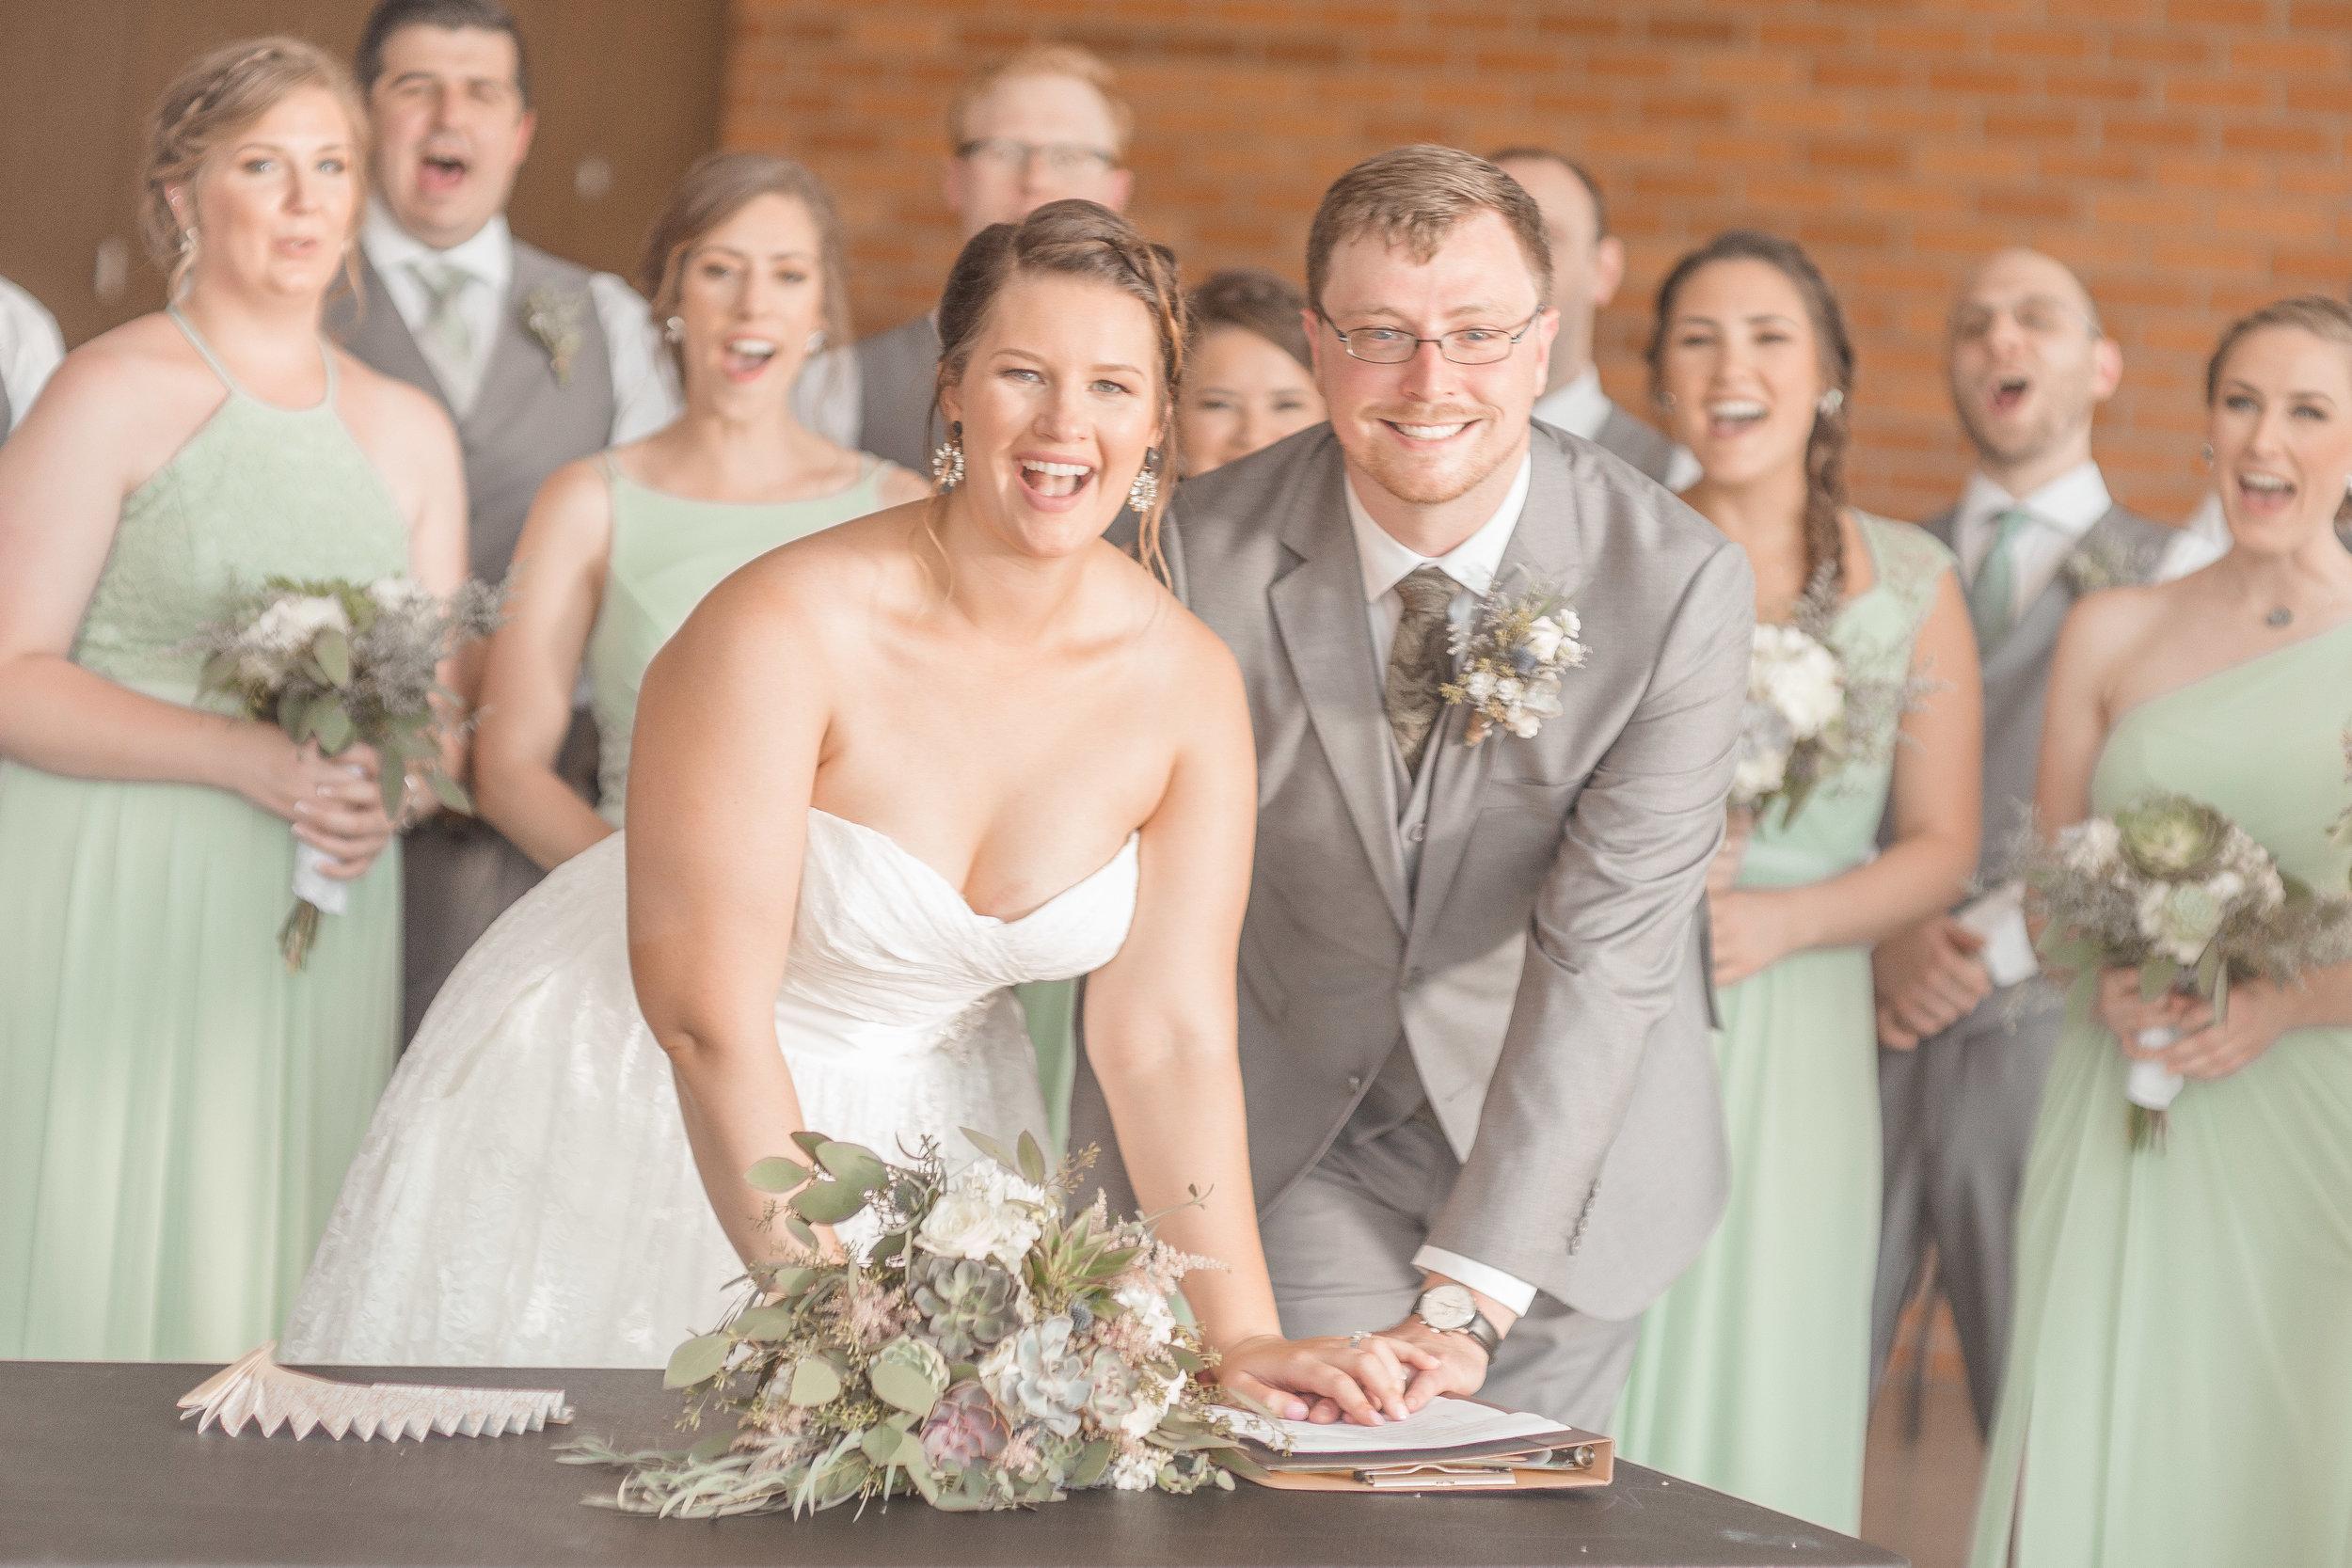 C_Wedding_Sarver, Alyssa & Scott_FOR BLOG-117.JPG